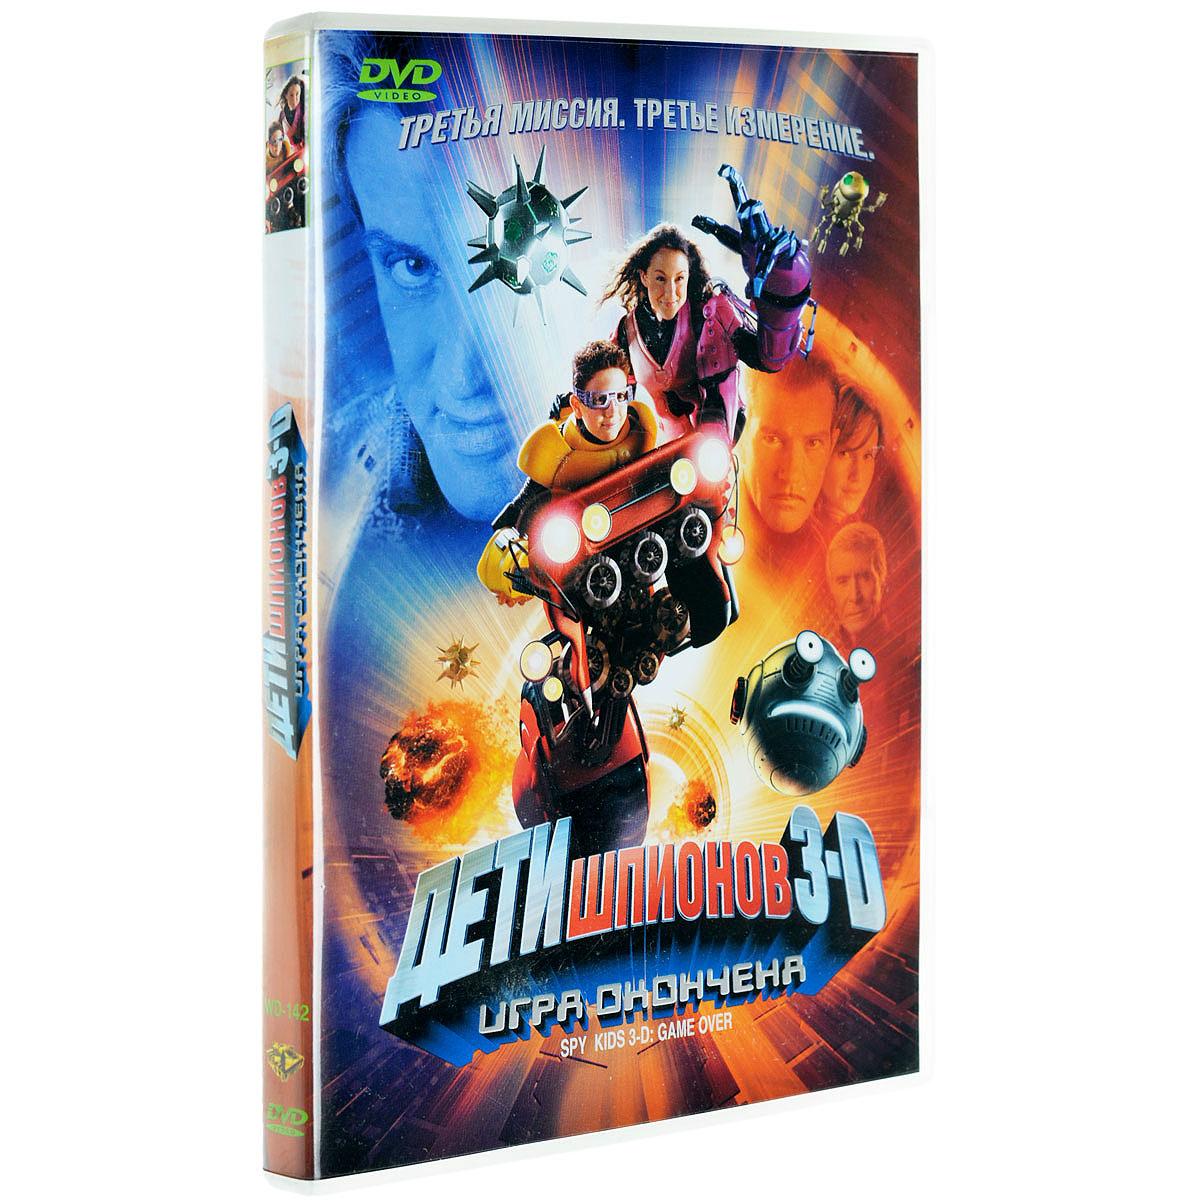 Дети шпионов 3D: Игра окончена (2 DVD) дама с камелиями кармен королева шантеклера касабланка гнездо шпионов 4 dvd